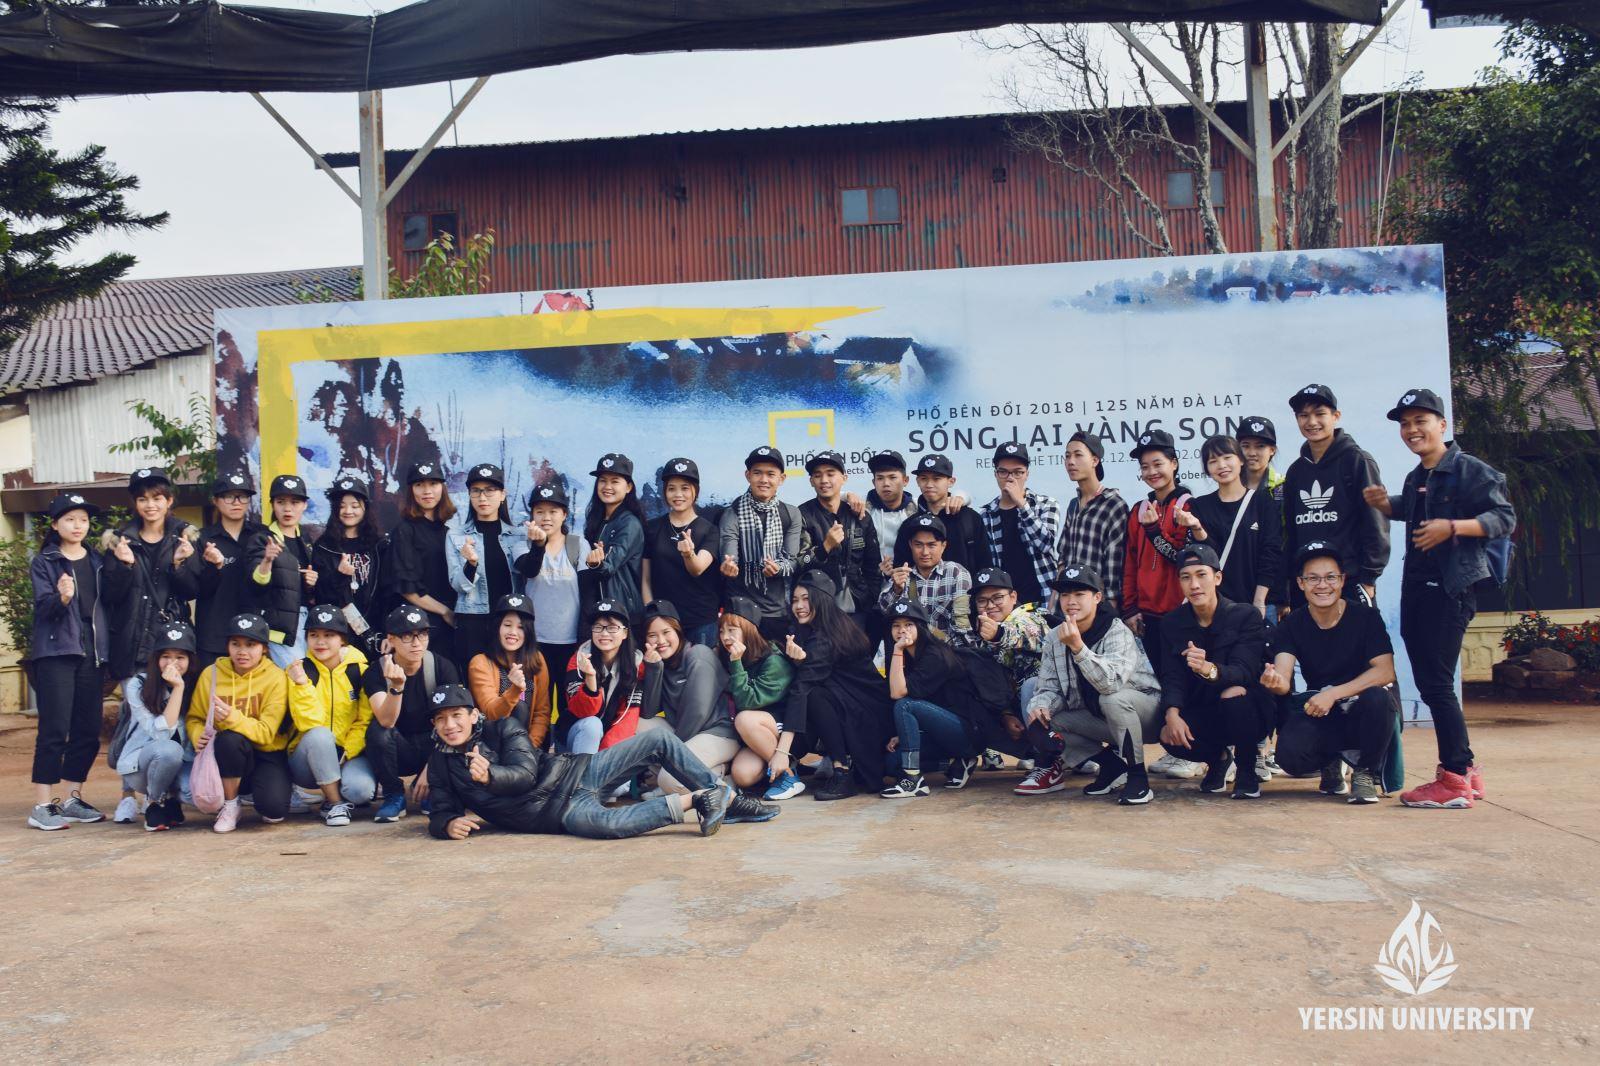 Khoa QTKD Du lịch – Trường Đại học Yersin Đà Lạt giành giải Nhất phần thi Nghệ thuật sắp đặt